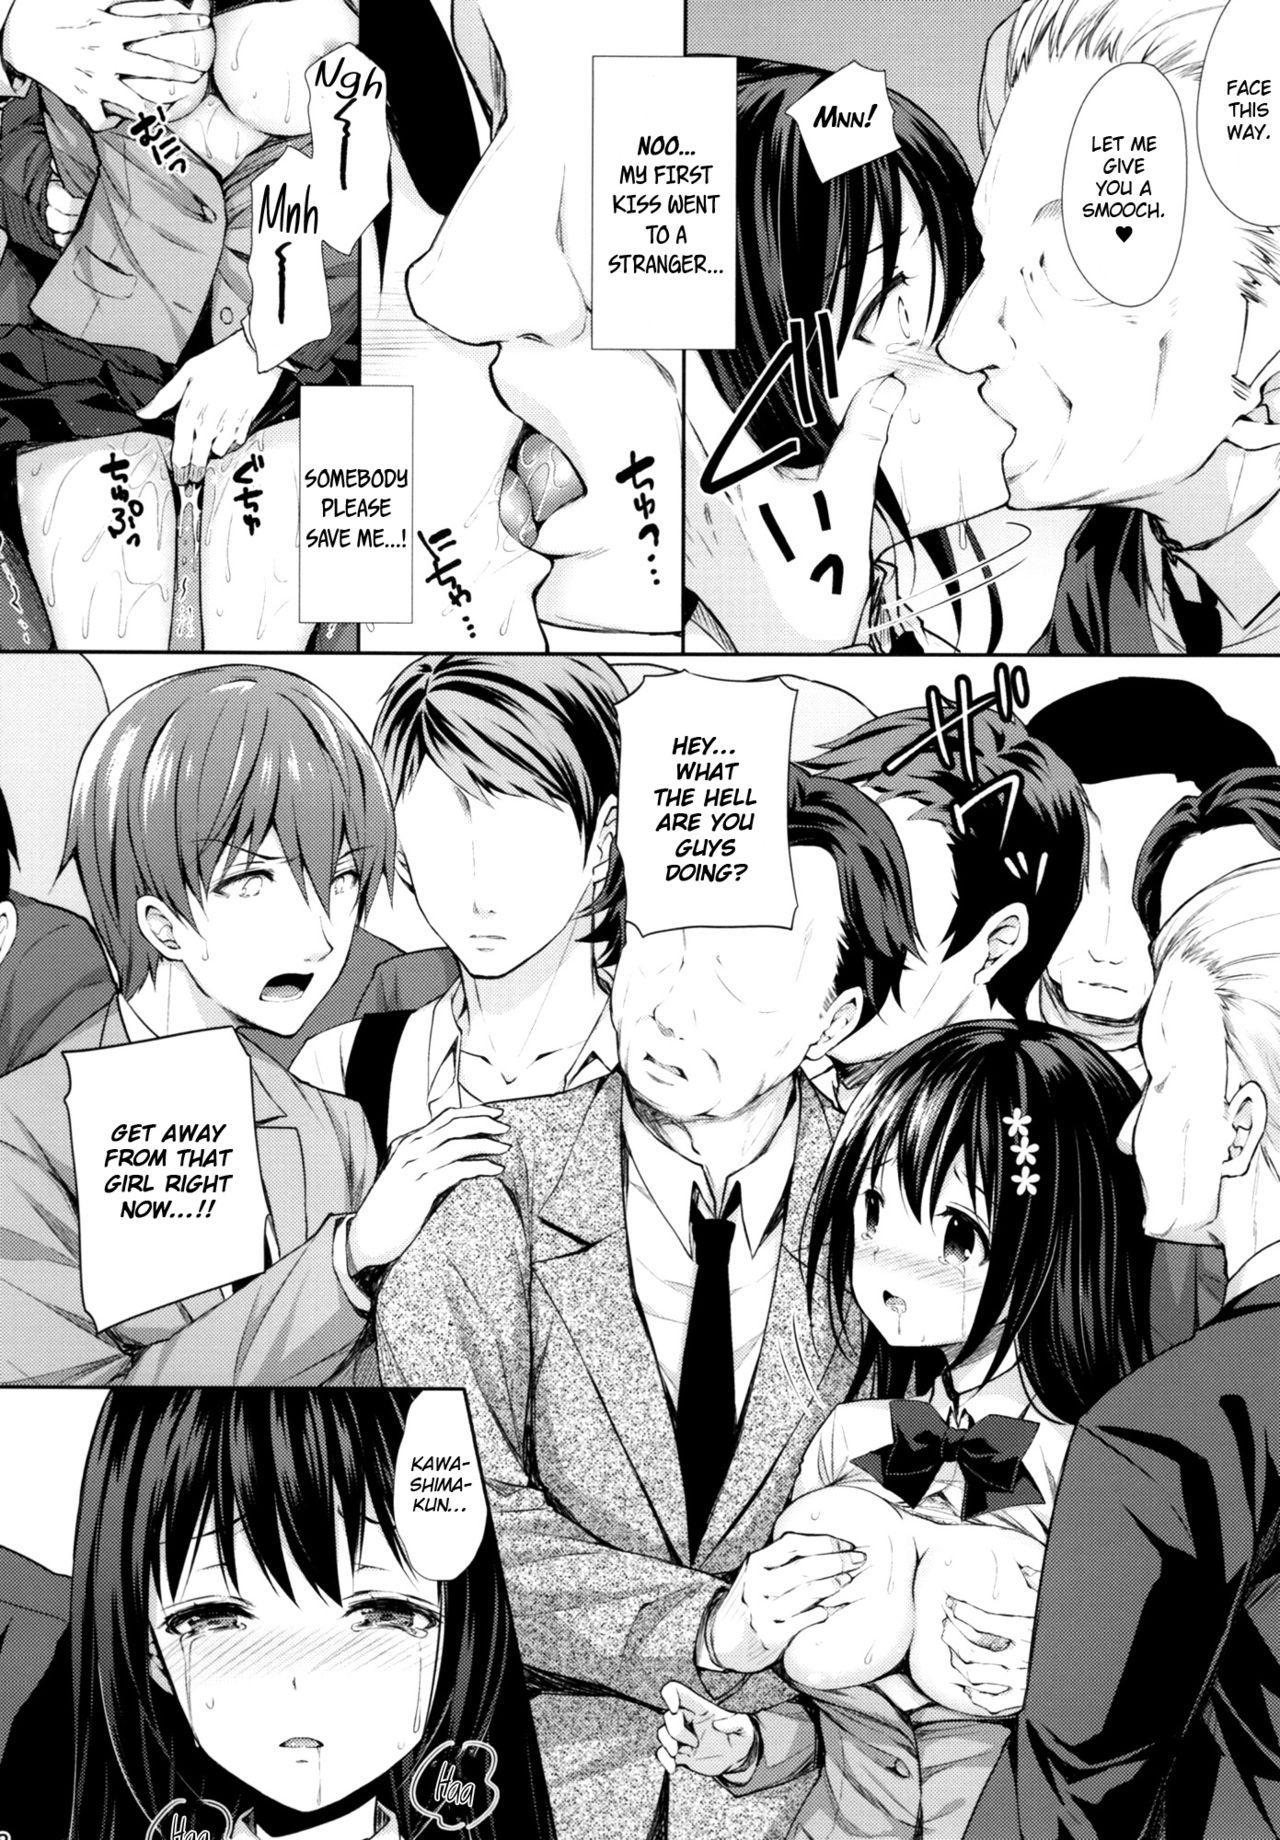 (C93) [Sugar*Berry*Syrup (Kuroe)] Chijoku no Chikan Densha ~Watashi, Sukina Hito no Soba de Chikan Saremashita~ | Shameless Molester on Train ~I got molested beside  the person that I like~ [English] [obsoletezero] 16